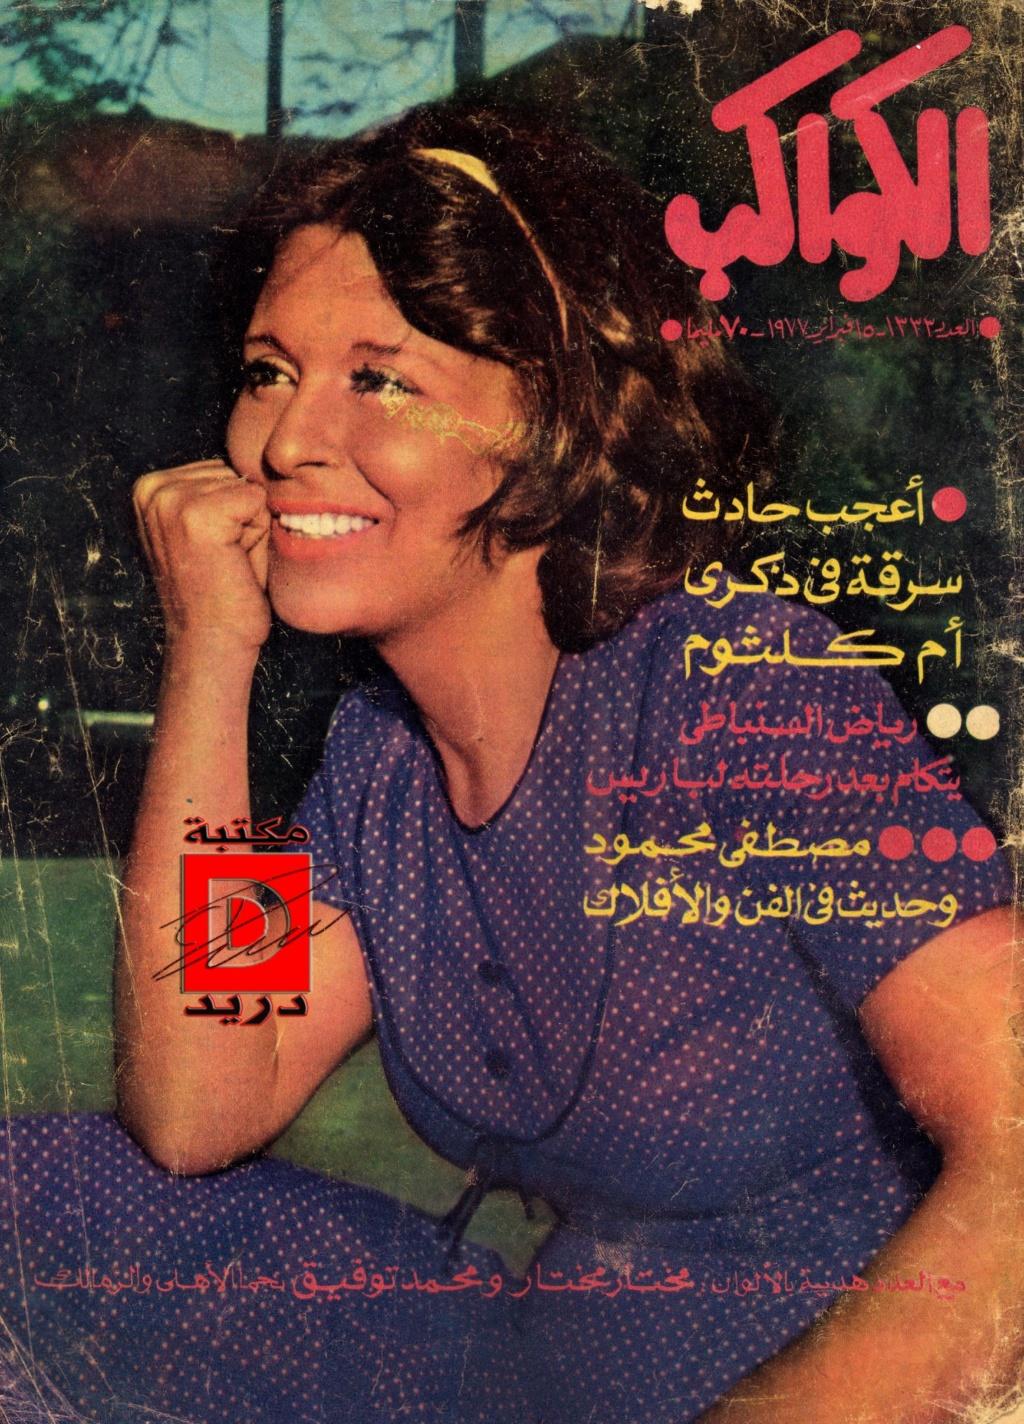 سعاد - حوار صحفي : سعاد حسني .. ارتفاع الأجور الفنية .. ظاهرة صحفية لا .. صحيّة ! 1977 م 128